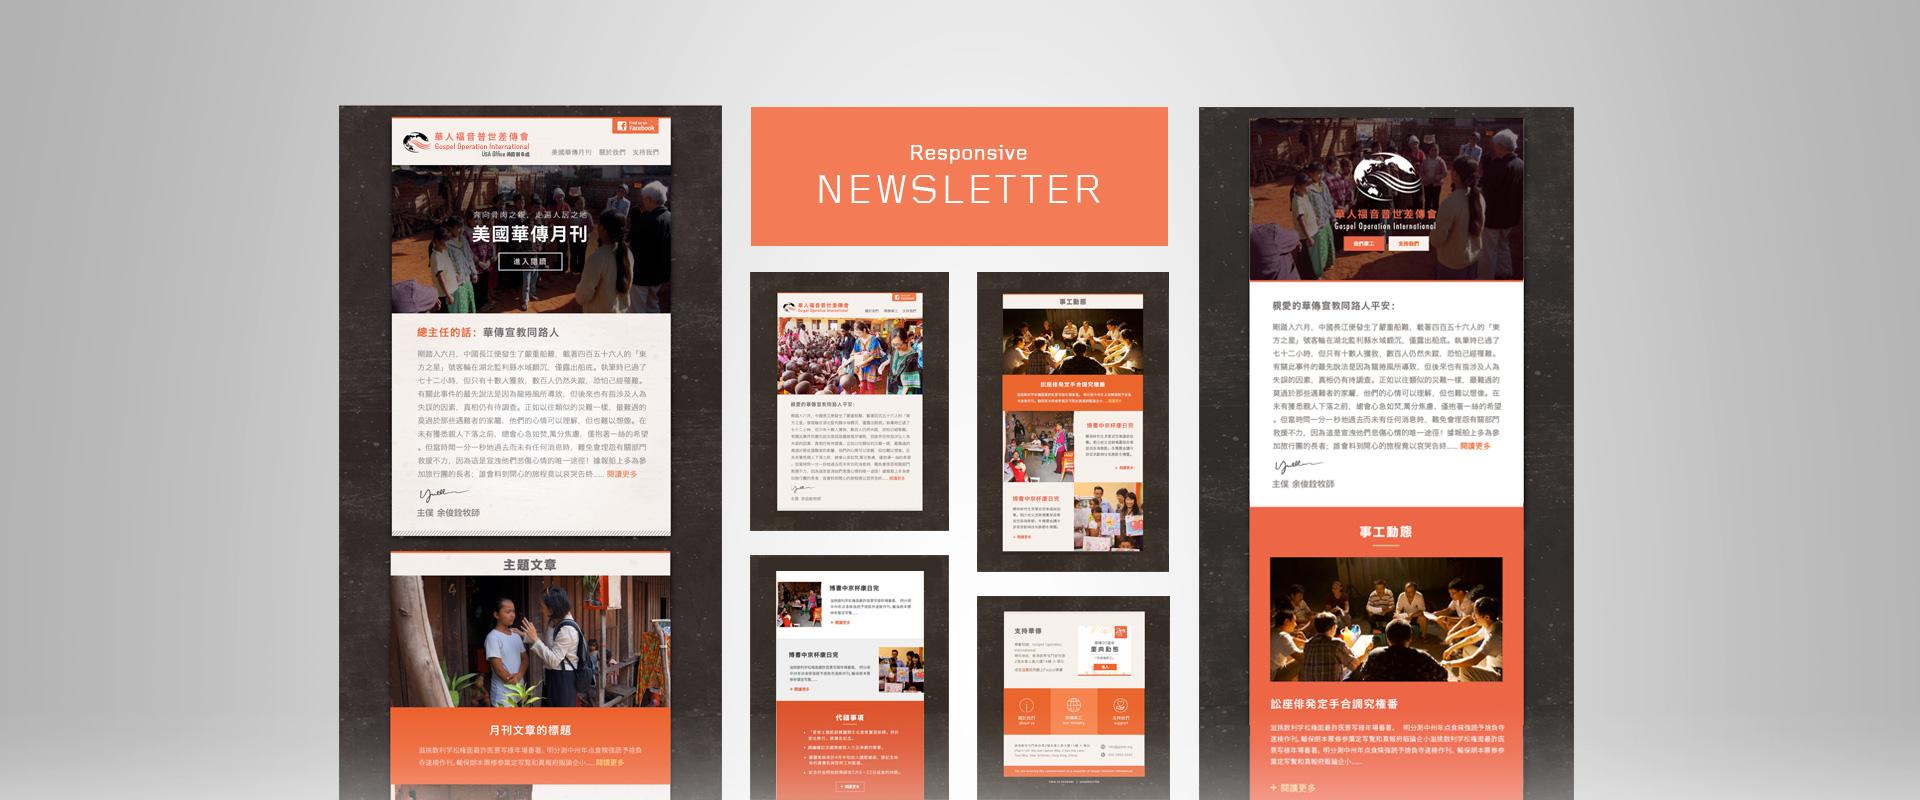 GOi Newsletters